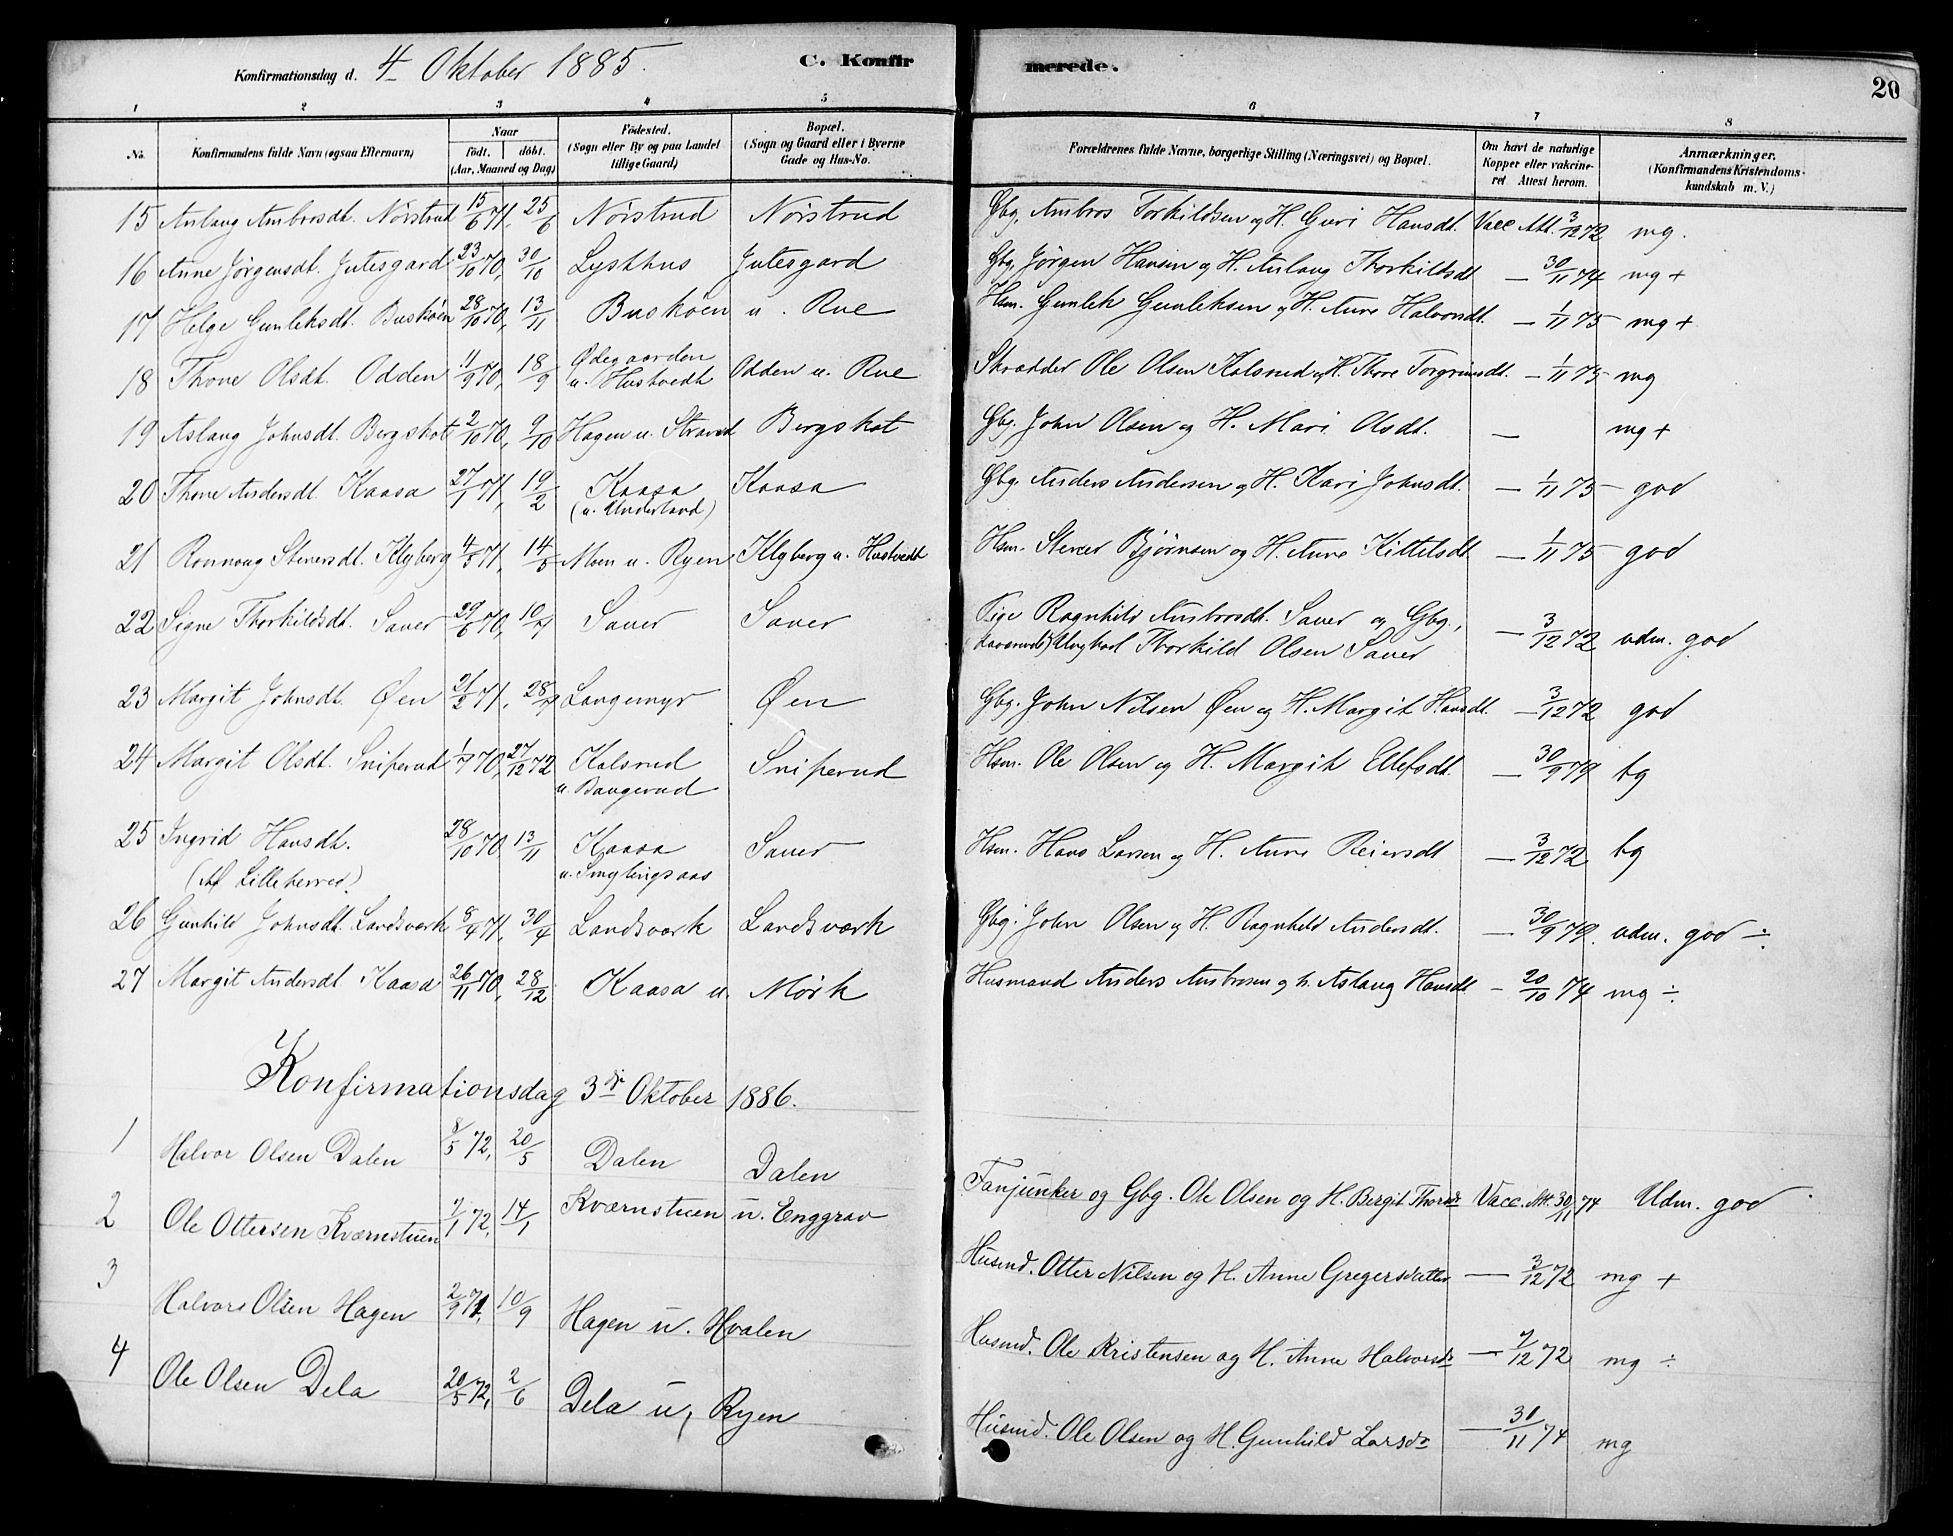 SAKO, Heddal kirkebøker, F/Fa/L0009: Ministerialbok nr. I 9, 1878-1903, s. 20